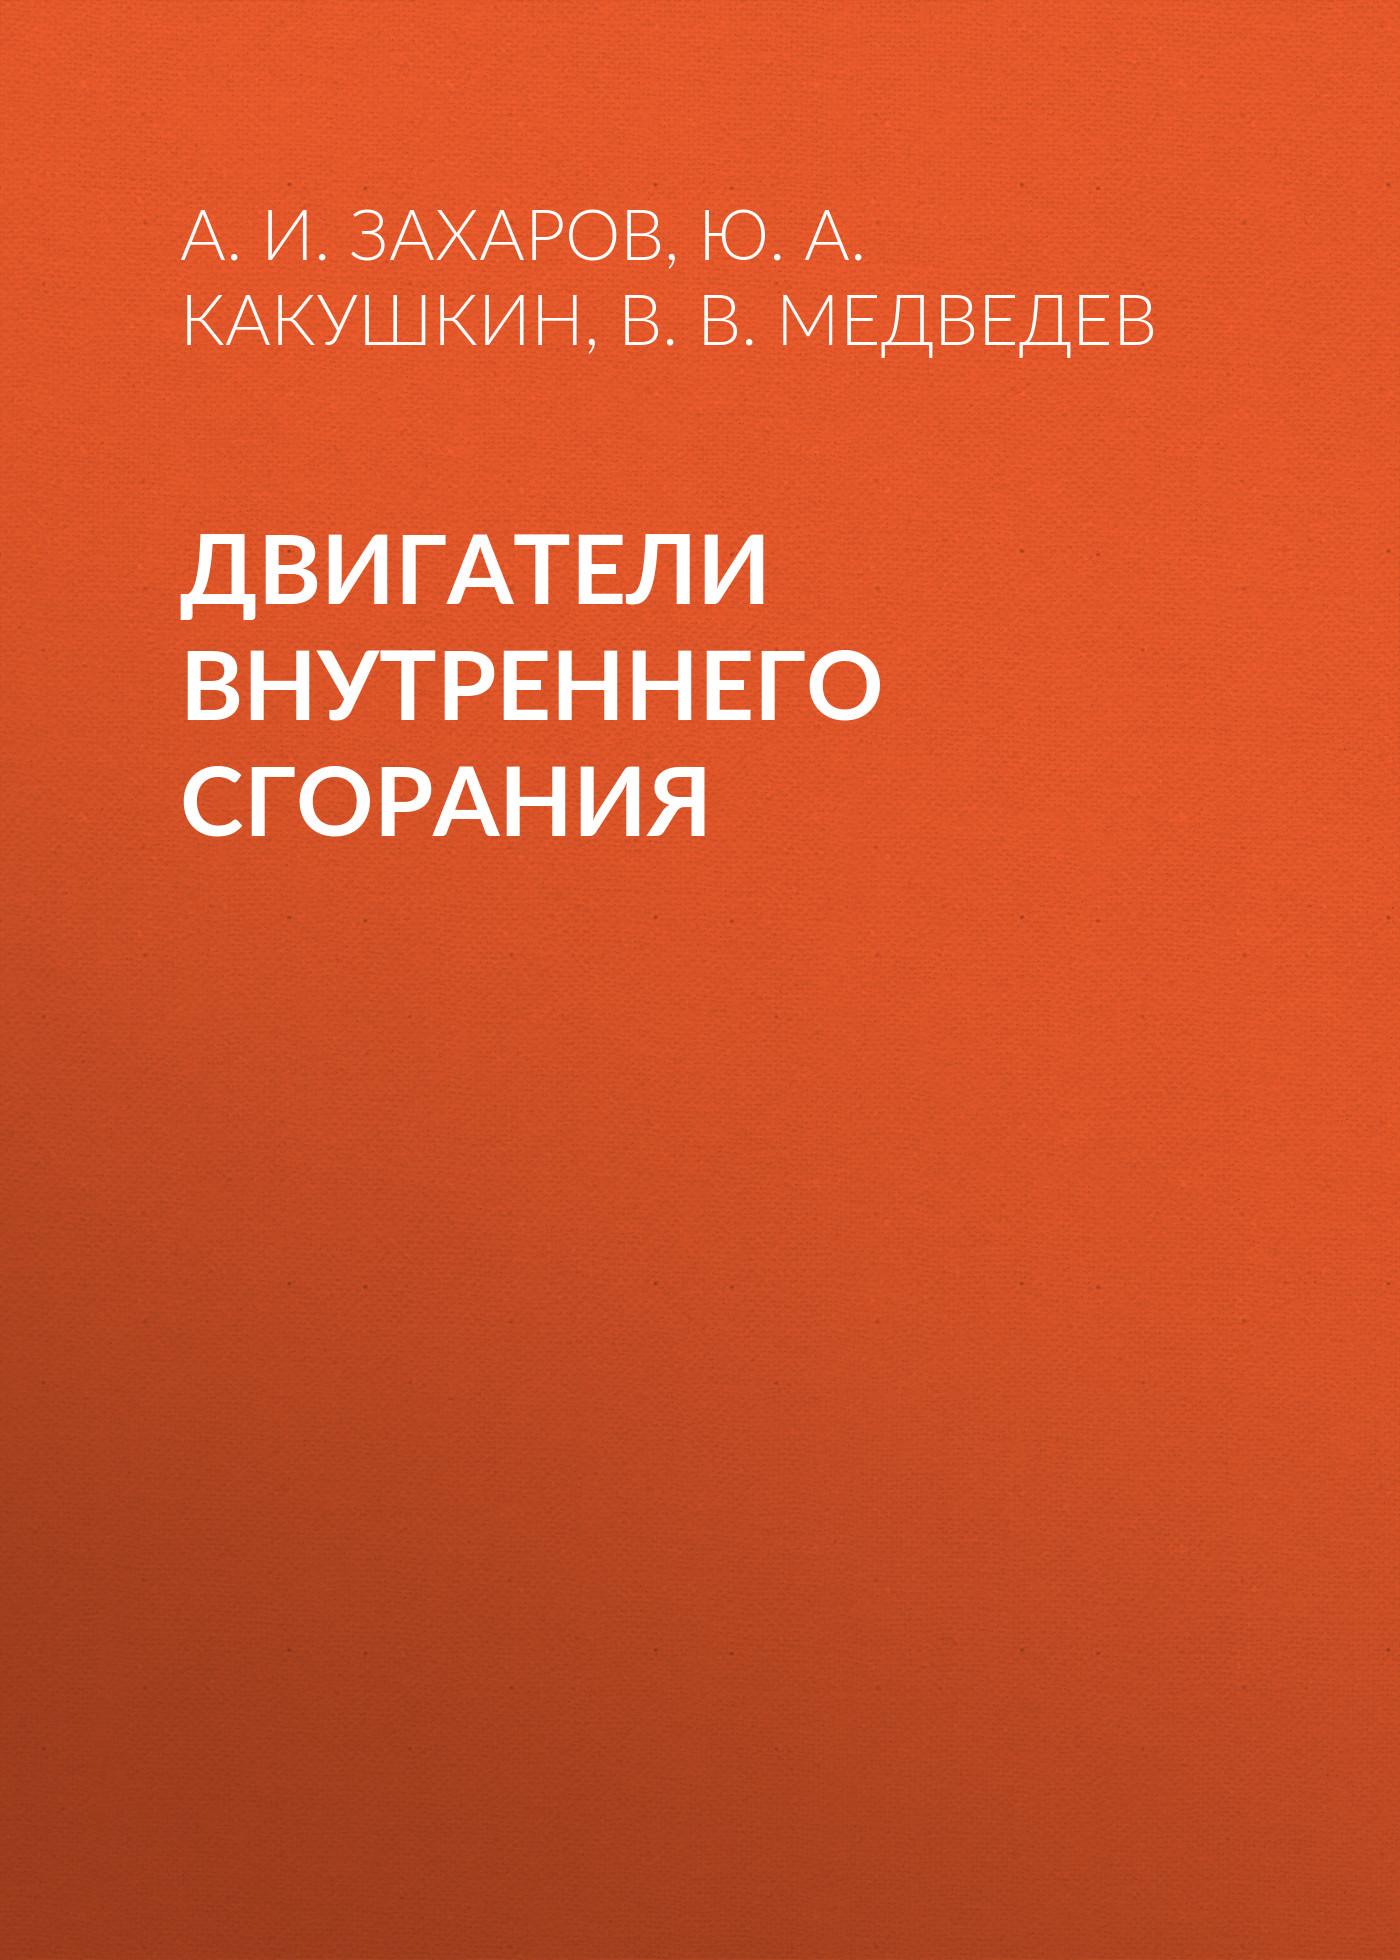 В. В. Медведев Двигатели внутреннего сгорания в в медведев двигатели внутреннего сгорания